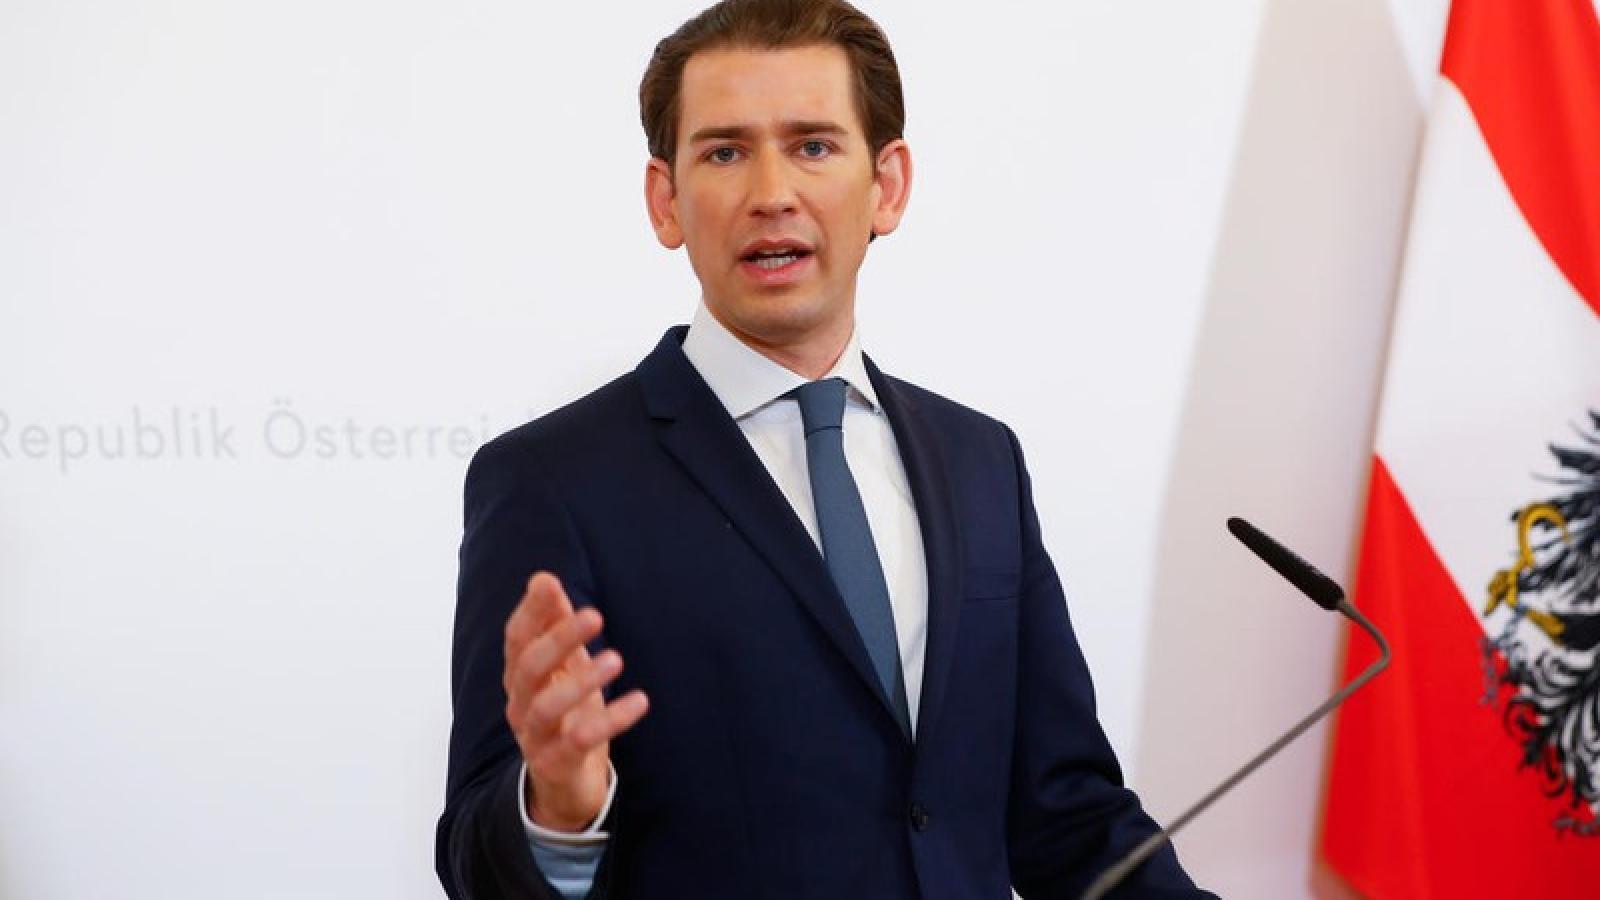 Áo giải ngân 14 tỷ Euro để chống sự suy thoái kinh tế do dịch Covid-19